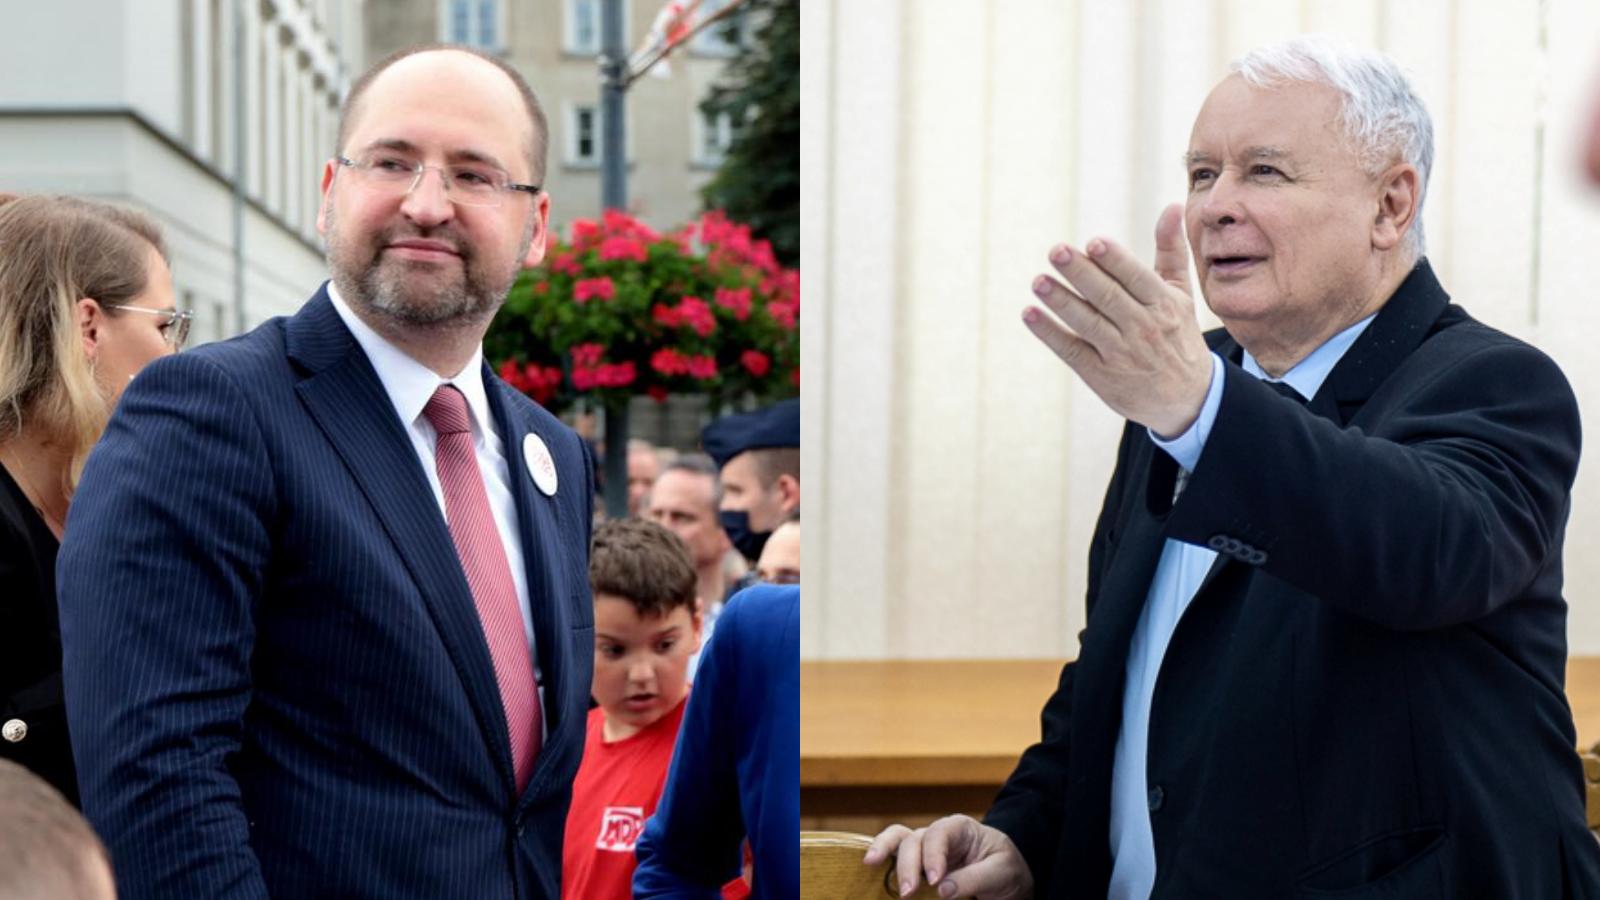 Bielan zajmie miejsce Gowina w Zjednoczonej Prawicy? Negocjacje po urlopie Kaczyńskiego